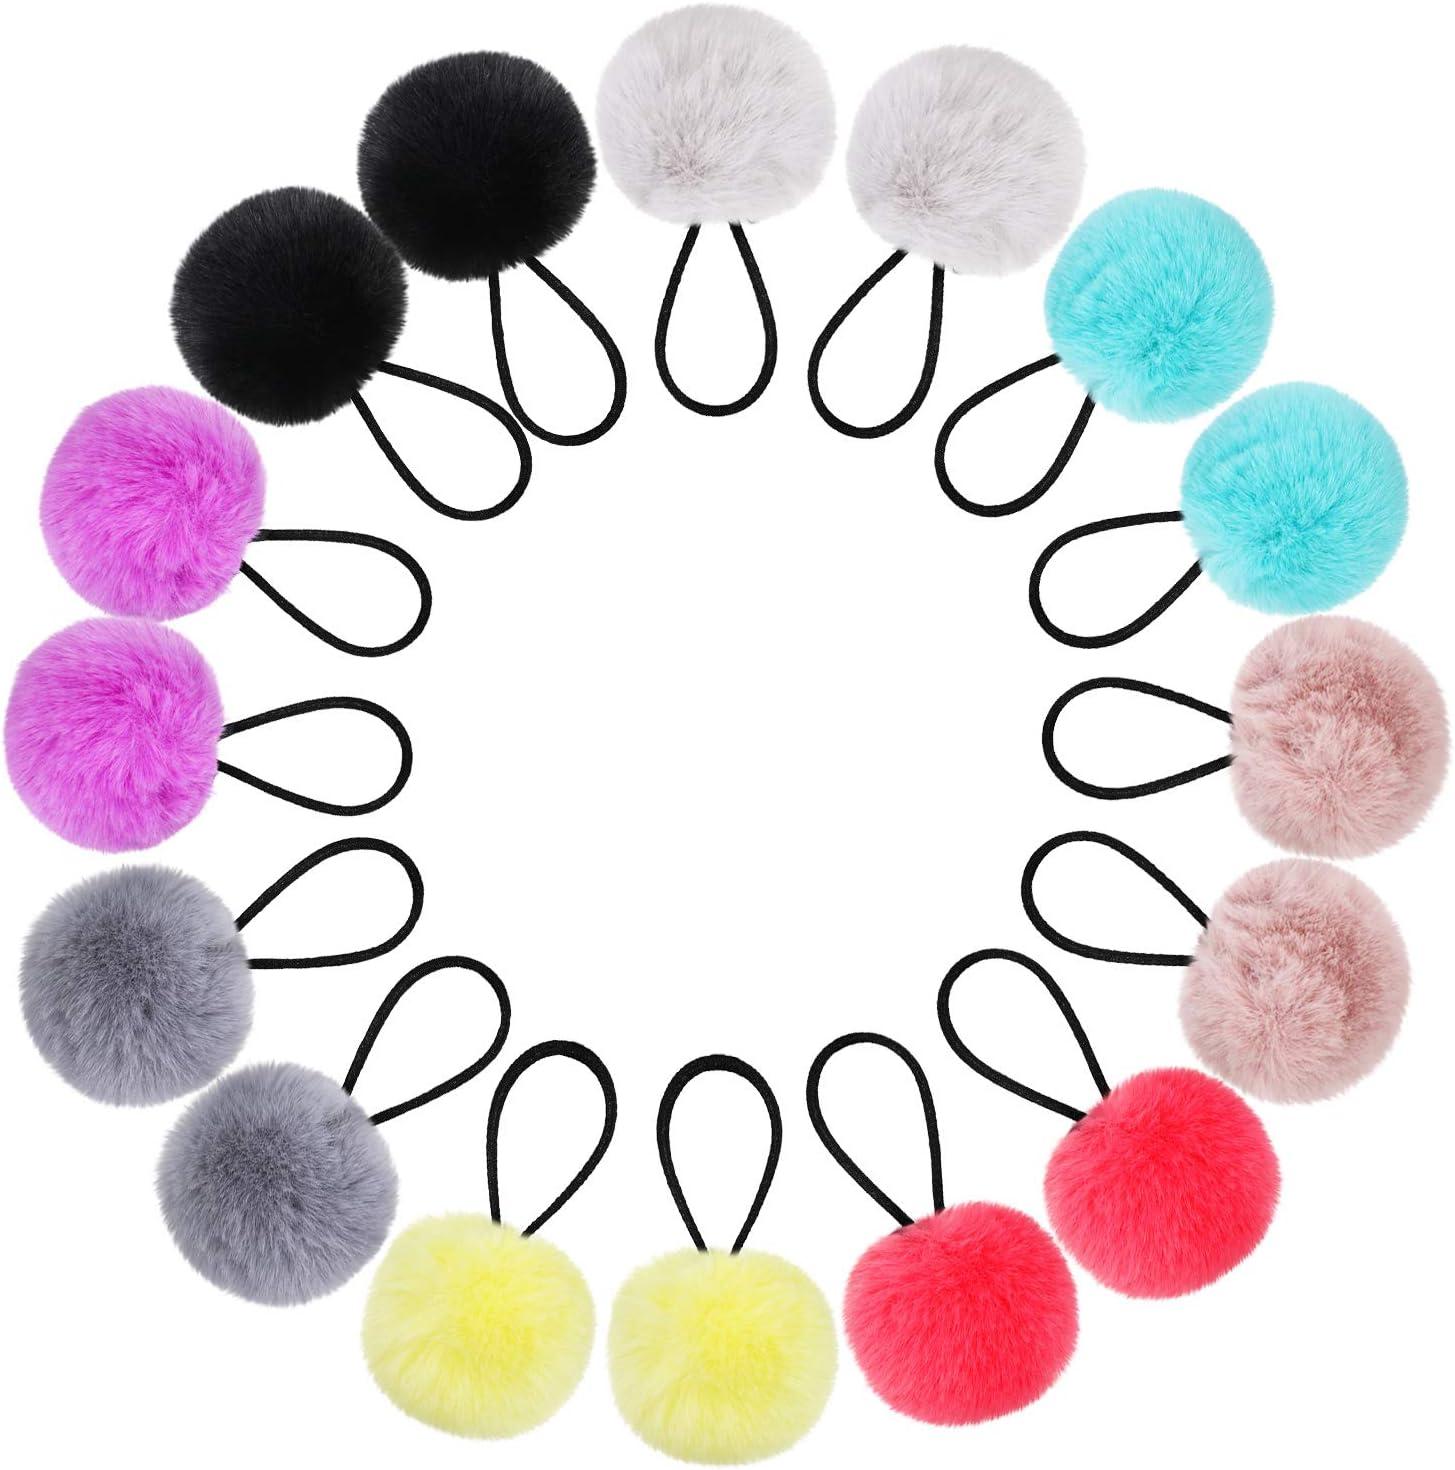 Pom Corbatas de Cabello Banda de Pelo Elástico con Pompones Bolas de Cola de Caballo Esponjosas de Piel para Accesorios de Pelo de Mujer Niña Niños(Kit de Color 2, 16 Piezas)